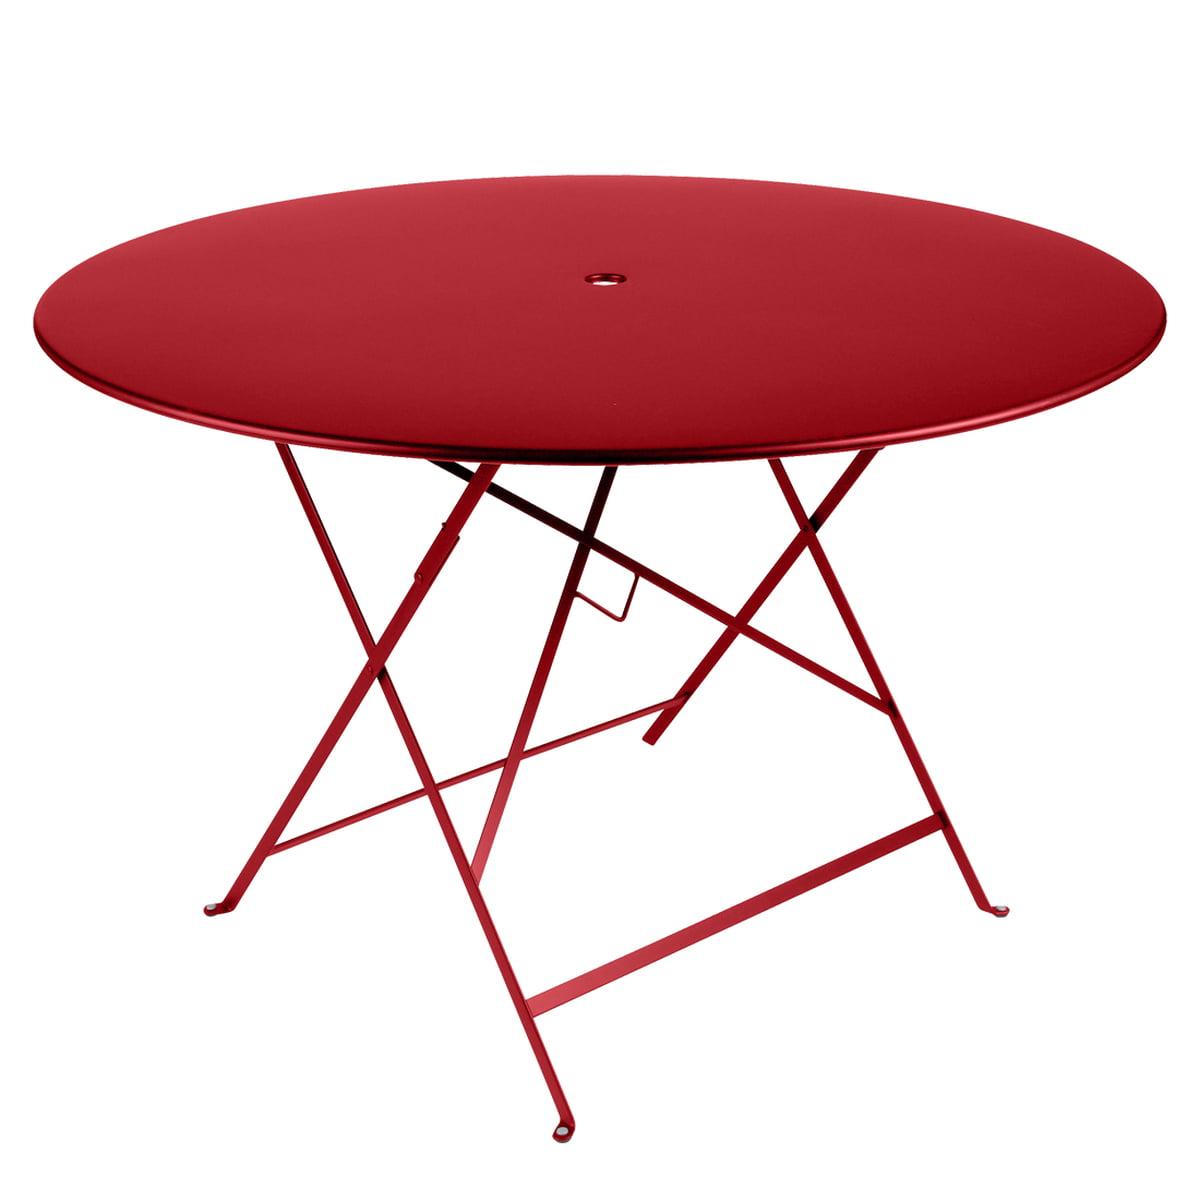 La Table Pliante Ø 117 cm par Fermob